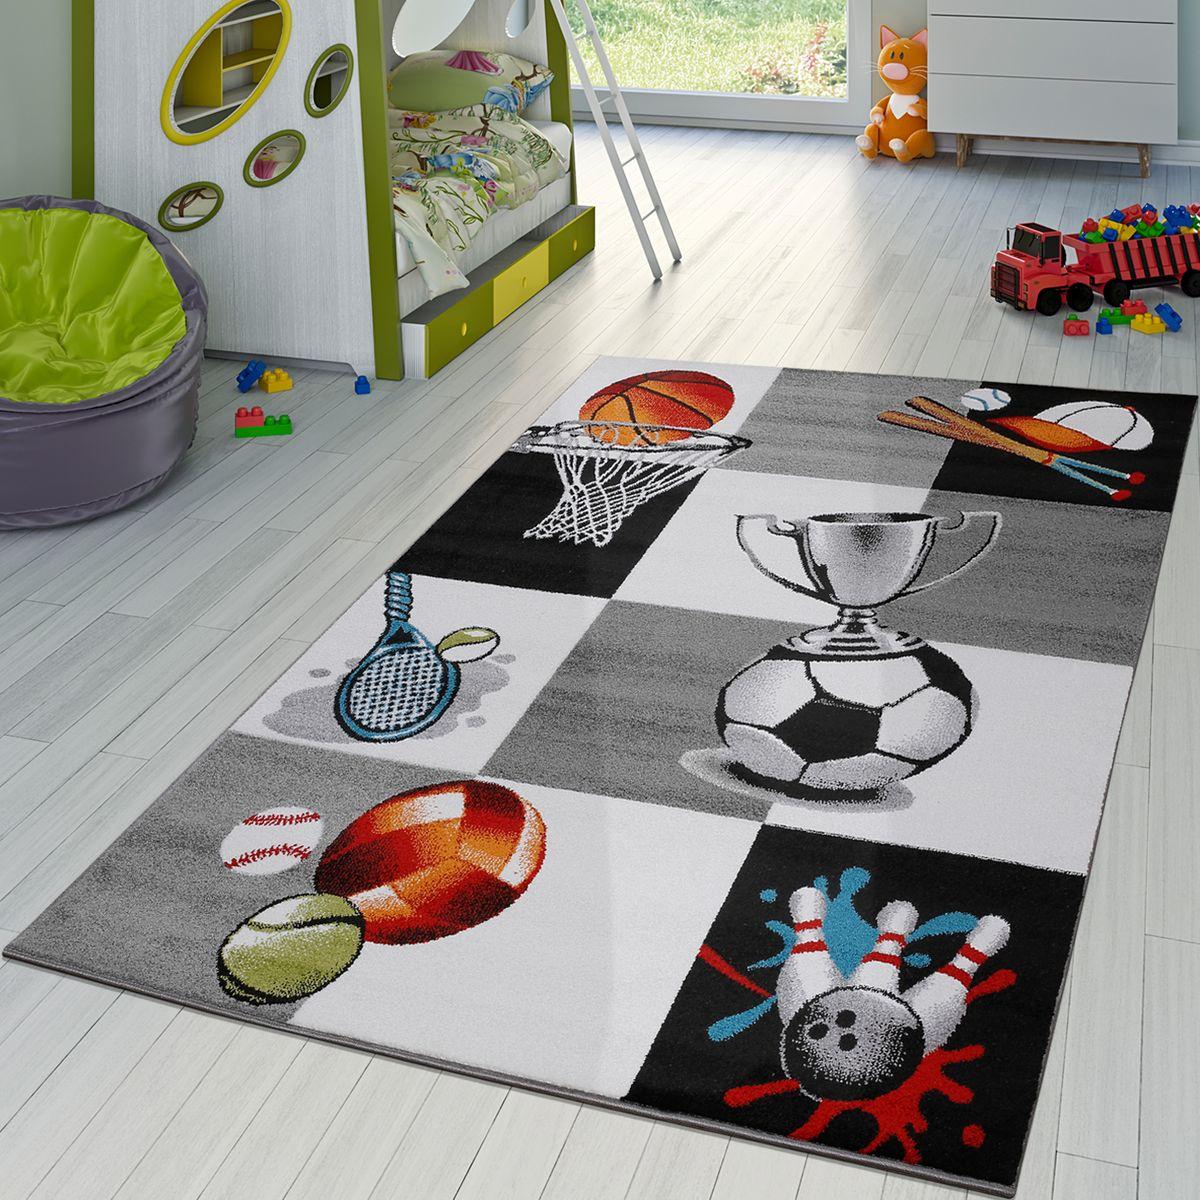 Full Size of Kinderzimmer Teppiche Kinderteppich Fuball Pokal Tennis Teppichmax Wohnzimmer Regal Weiß Sofa Regale Kinderzimmer Kinderzimmer Teppiche